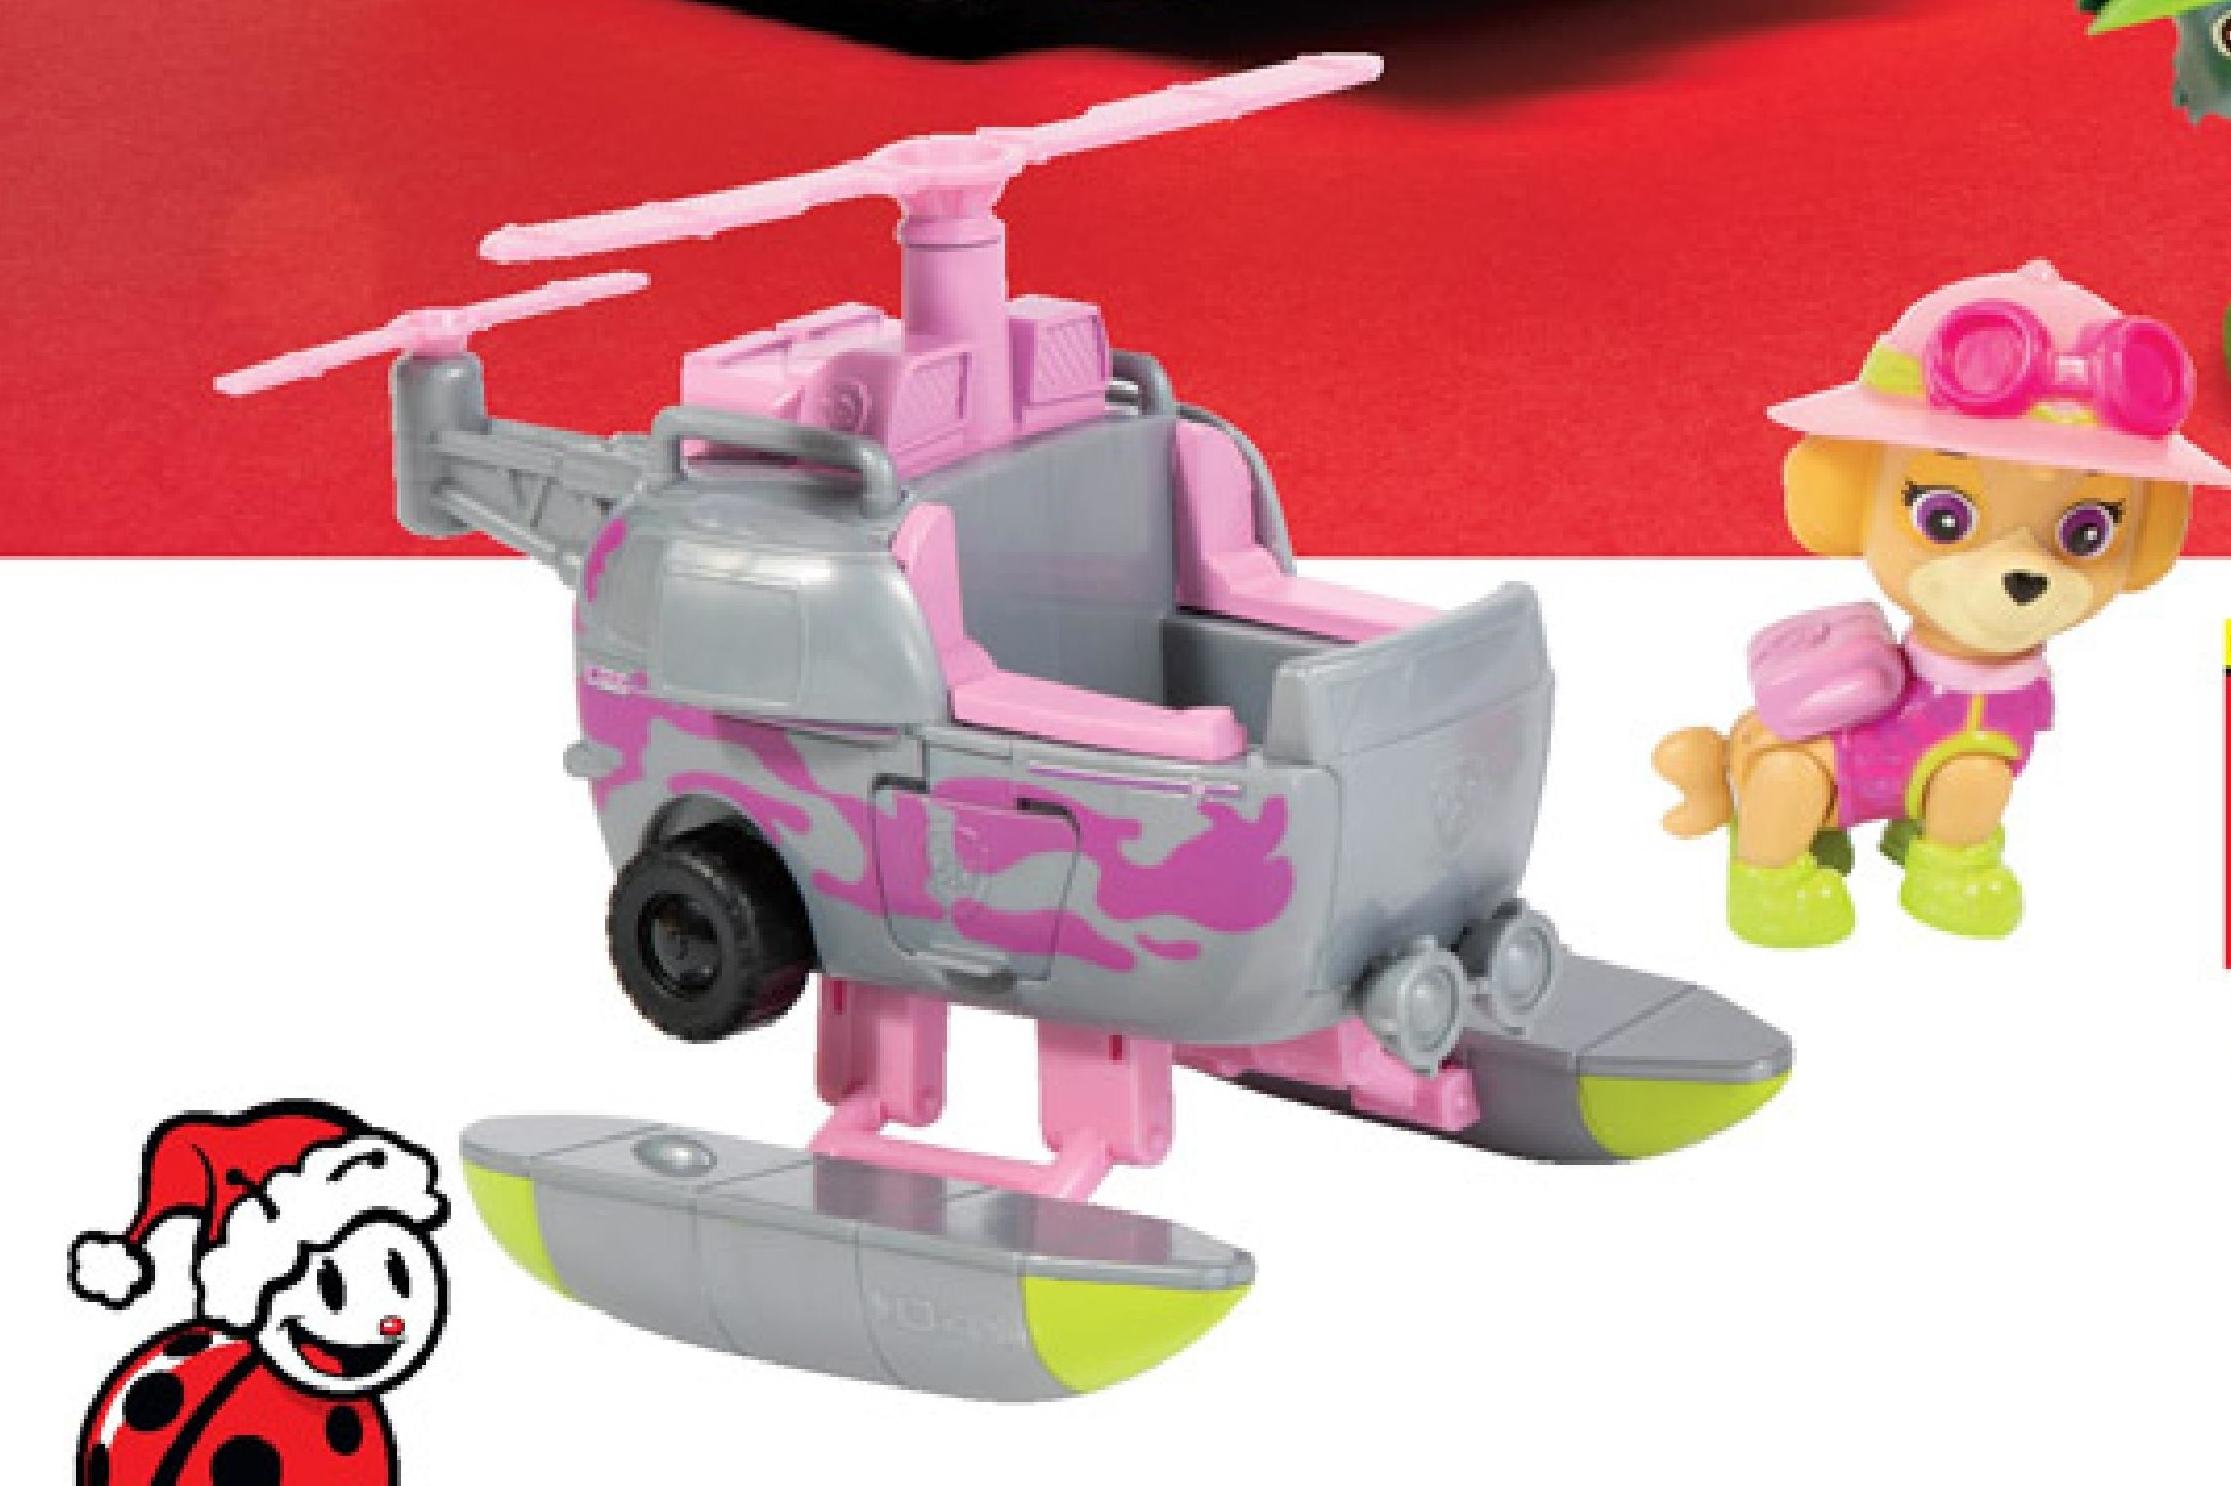 Zabawka Psi Patrol  niska cena